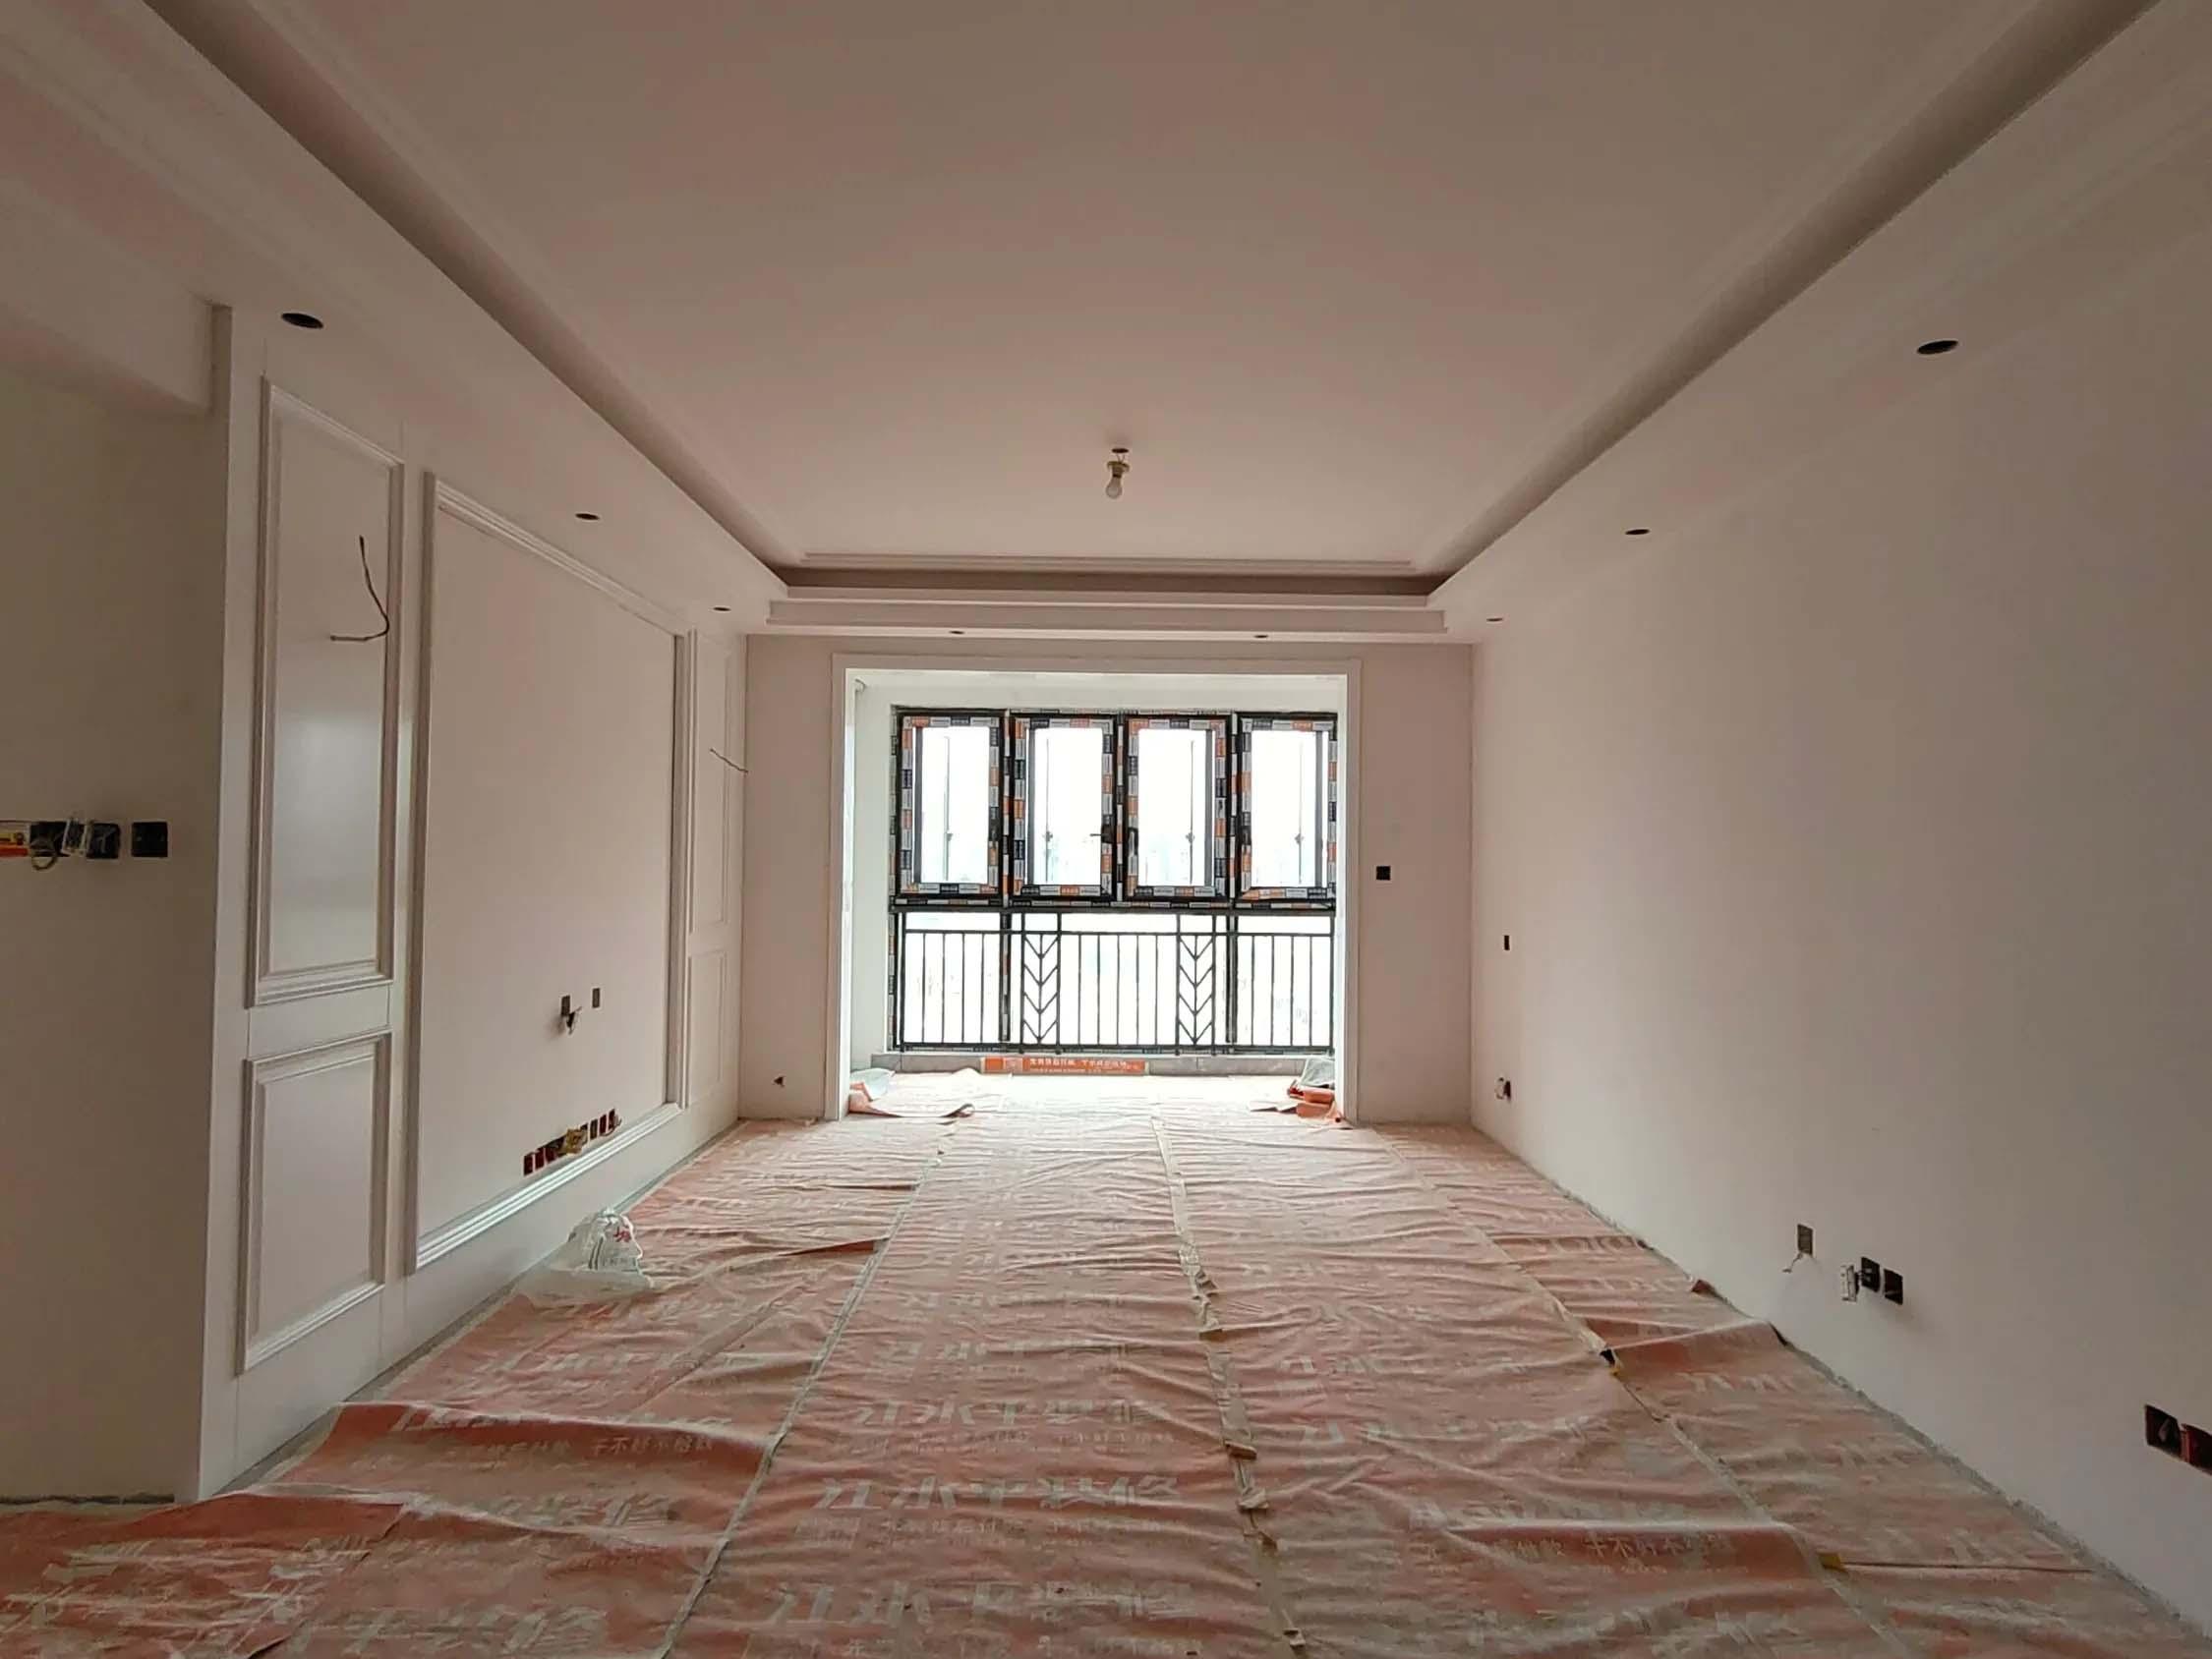 成都装修工地龙湖北城天街,马上进入乳胶漆工序了